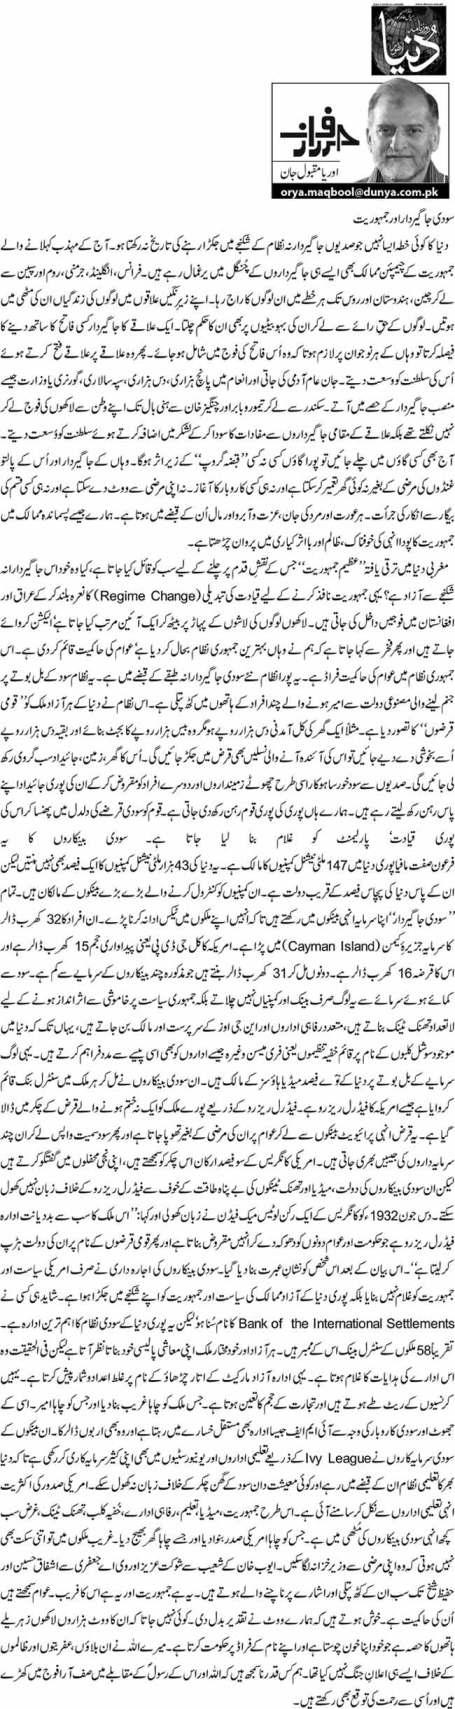 Soodi jageerdaar aur jumhooriyyat - Orya Maqbool Jan